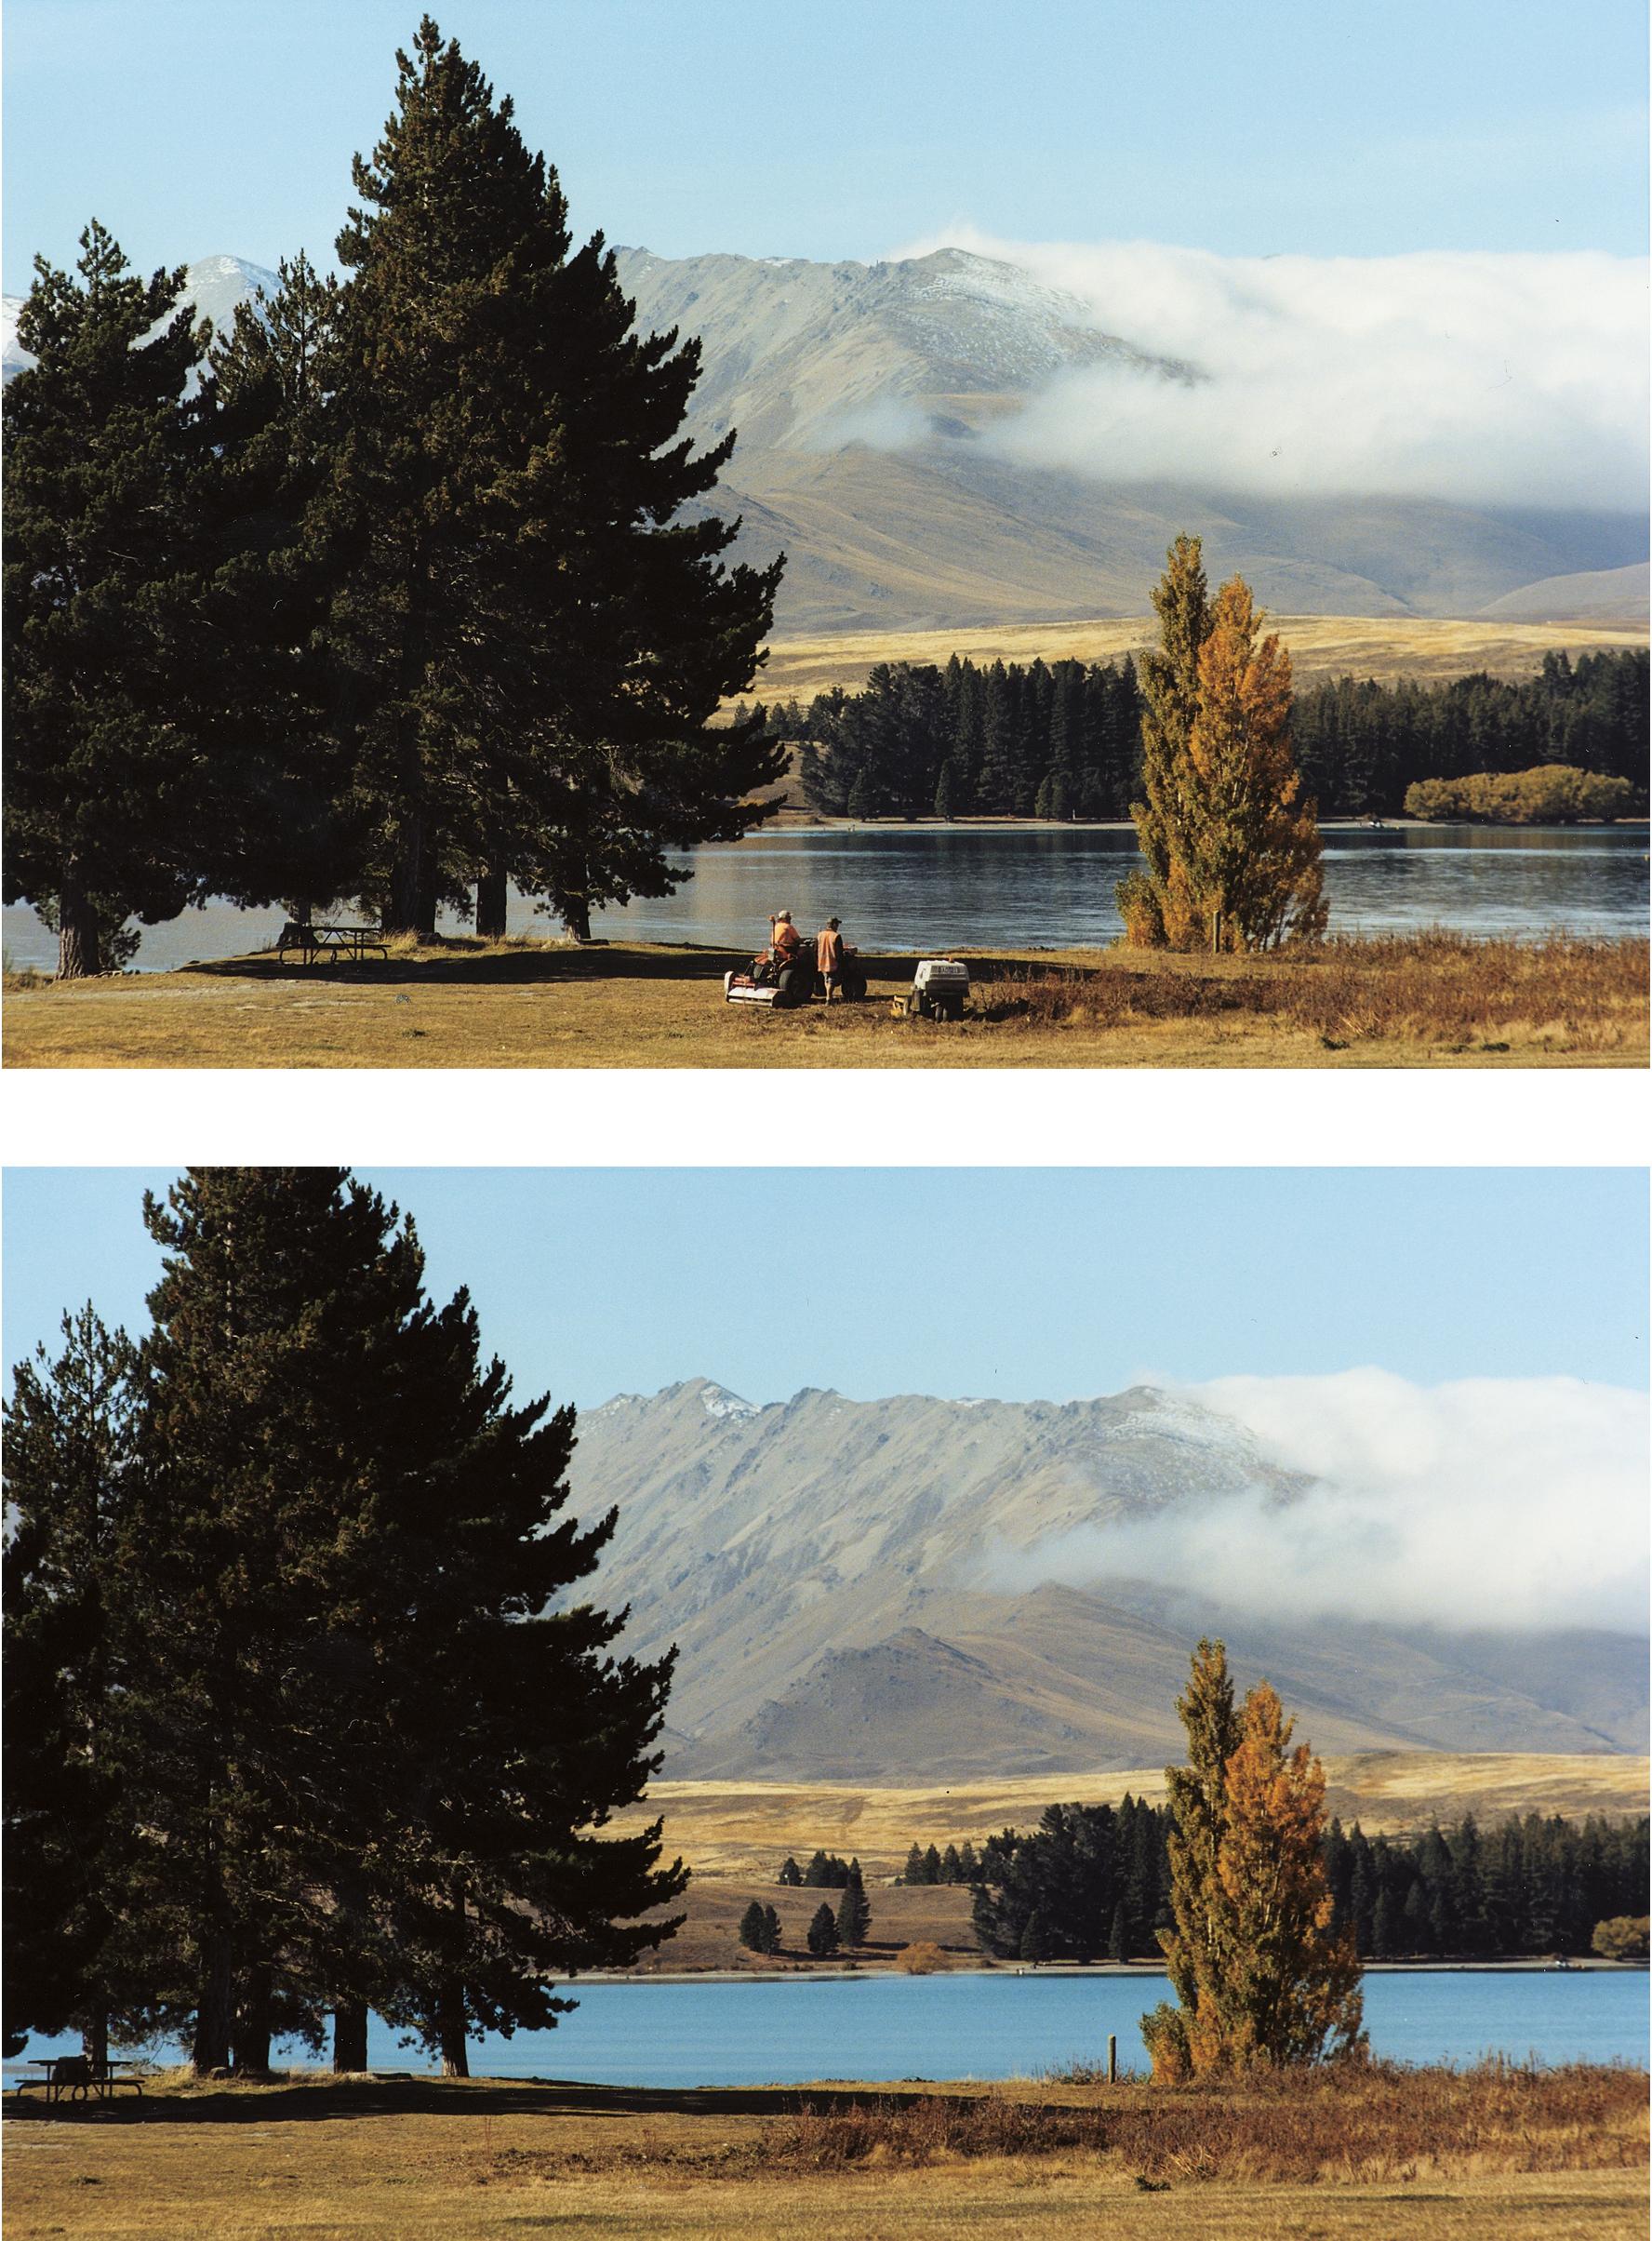 Daniel Gustav Cramer, Tales (Lake Tekapo, New Zealand, 2009), 2010. Courtesy: BolteLang Galerie, Zurich, and Daniel Gustav Cramer